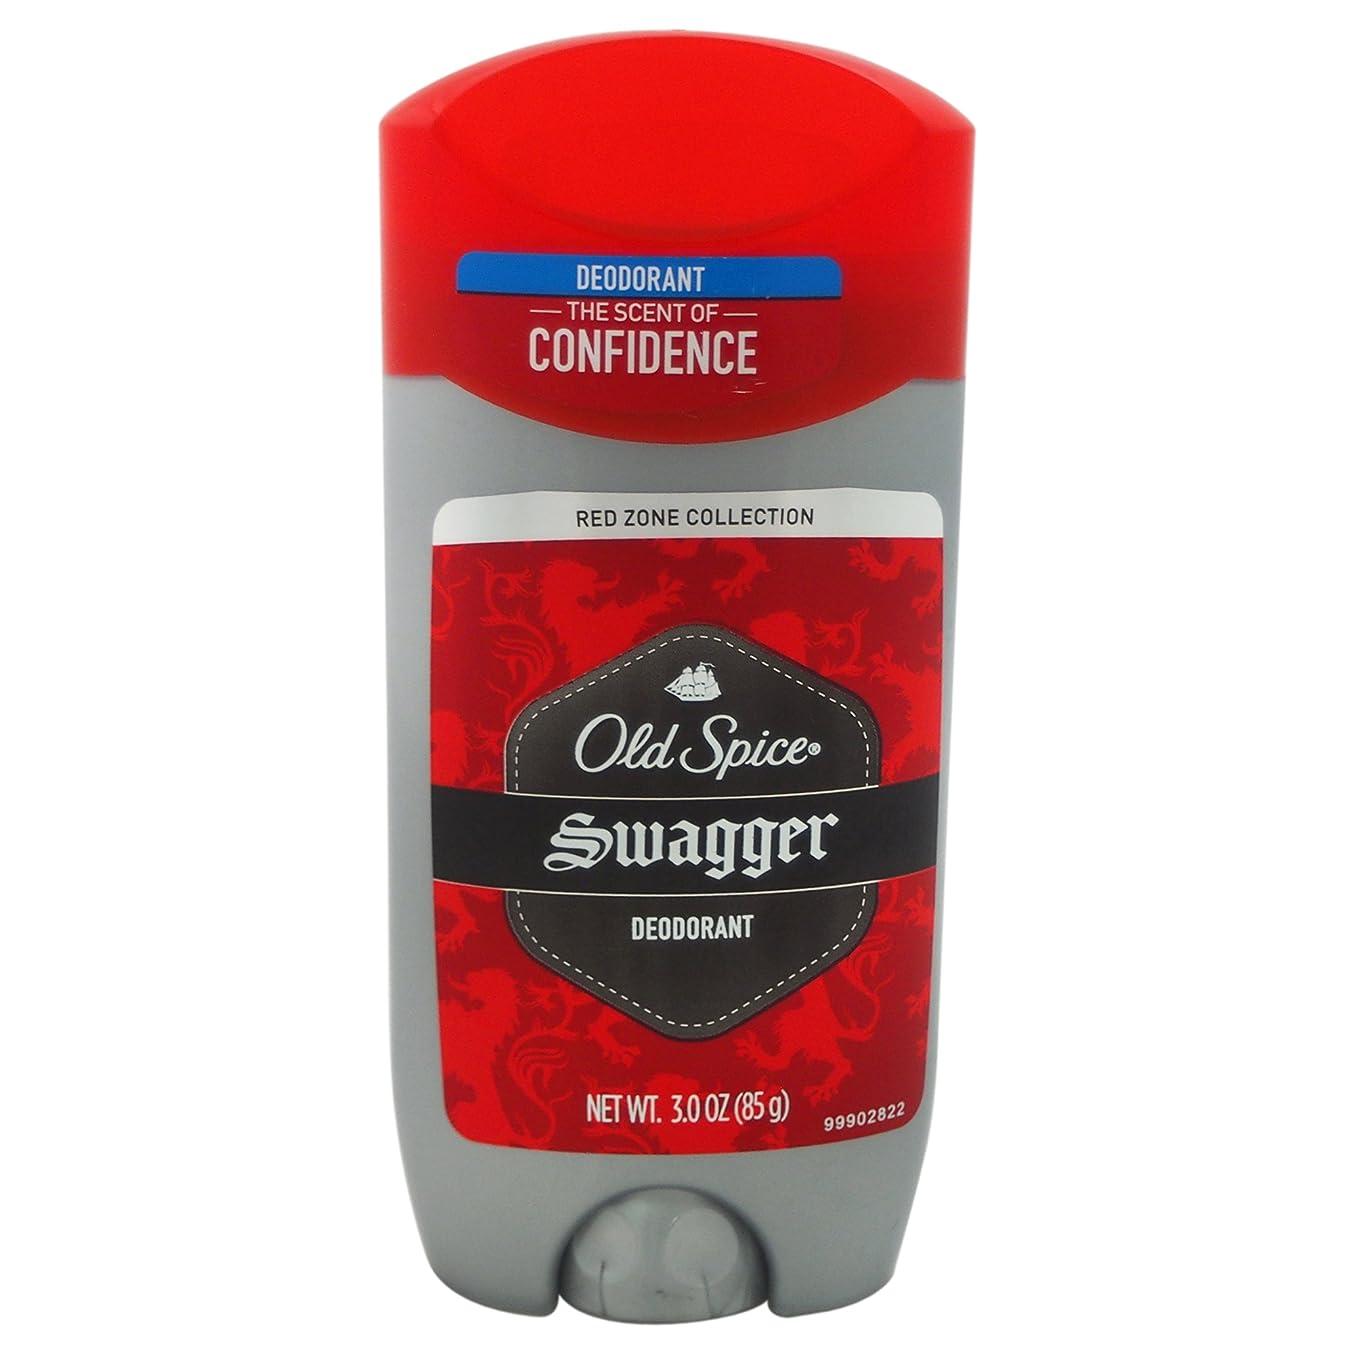 ご近所とまり木天皇オールドスパイス(Old Spice) RED ZONE COLLECTION スワッガー デオドラント 85g[並行輸入品]